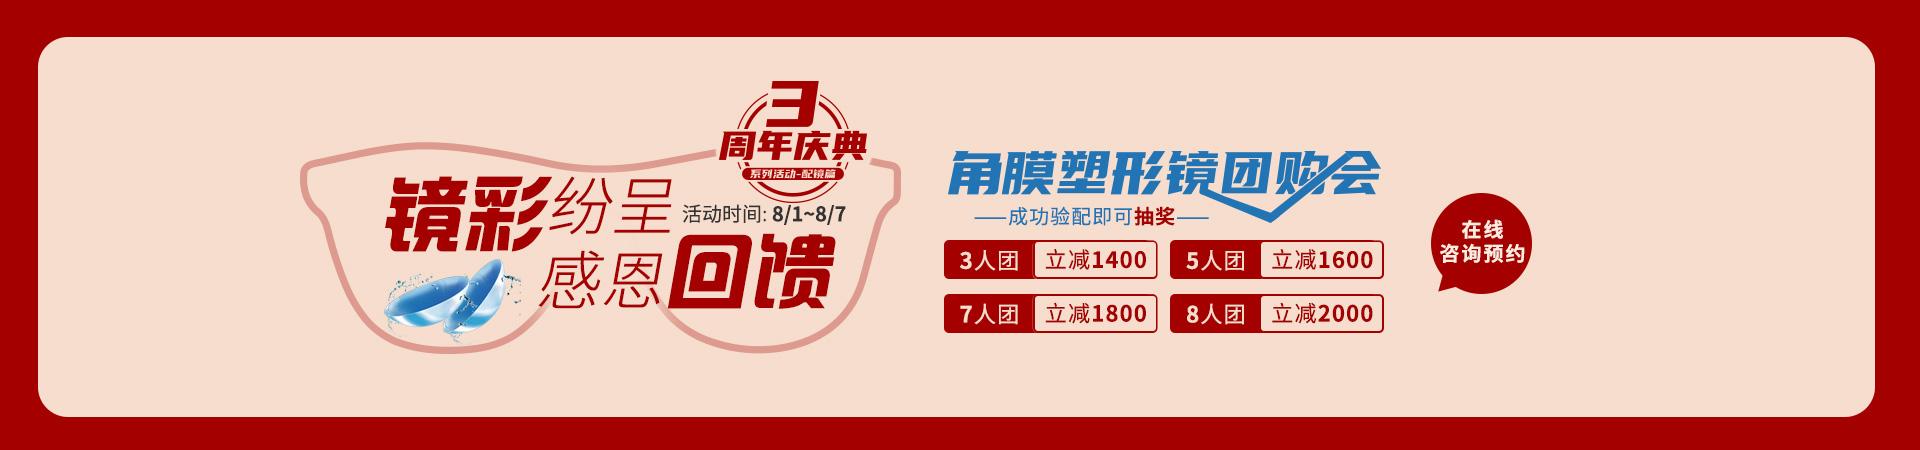 周年庆配镜banner